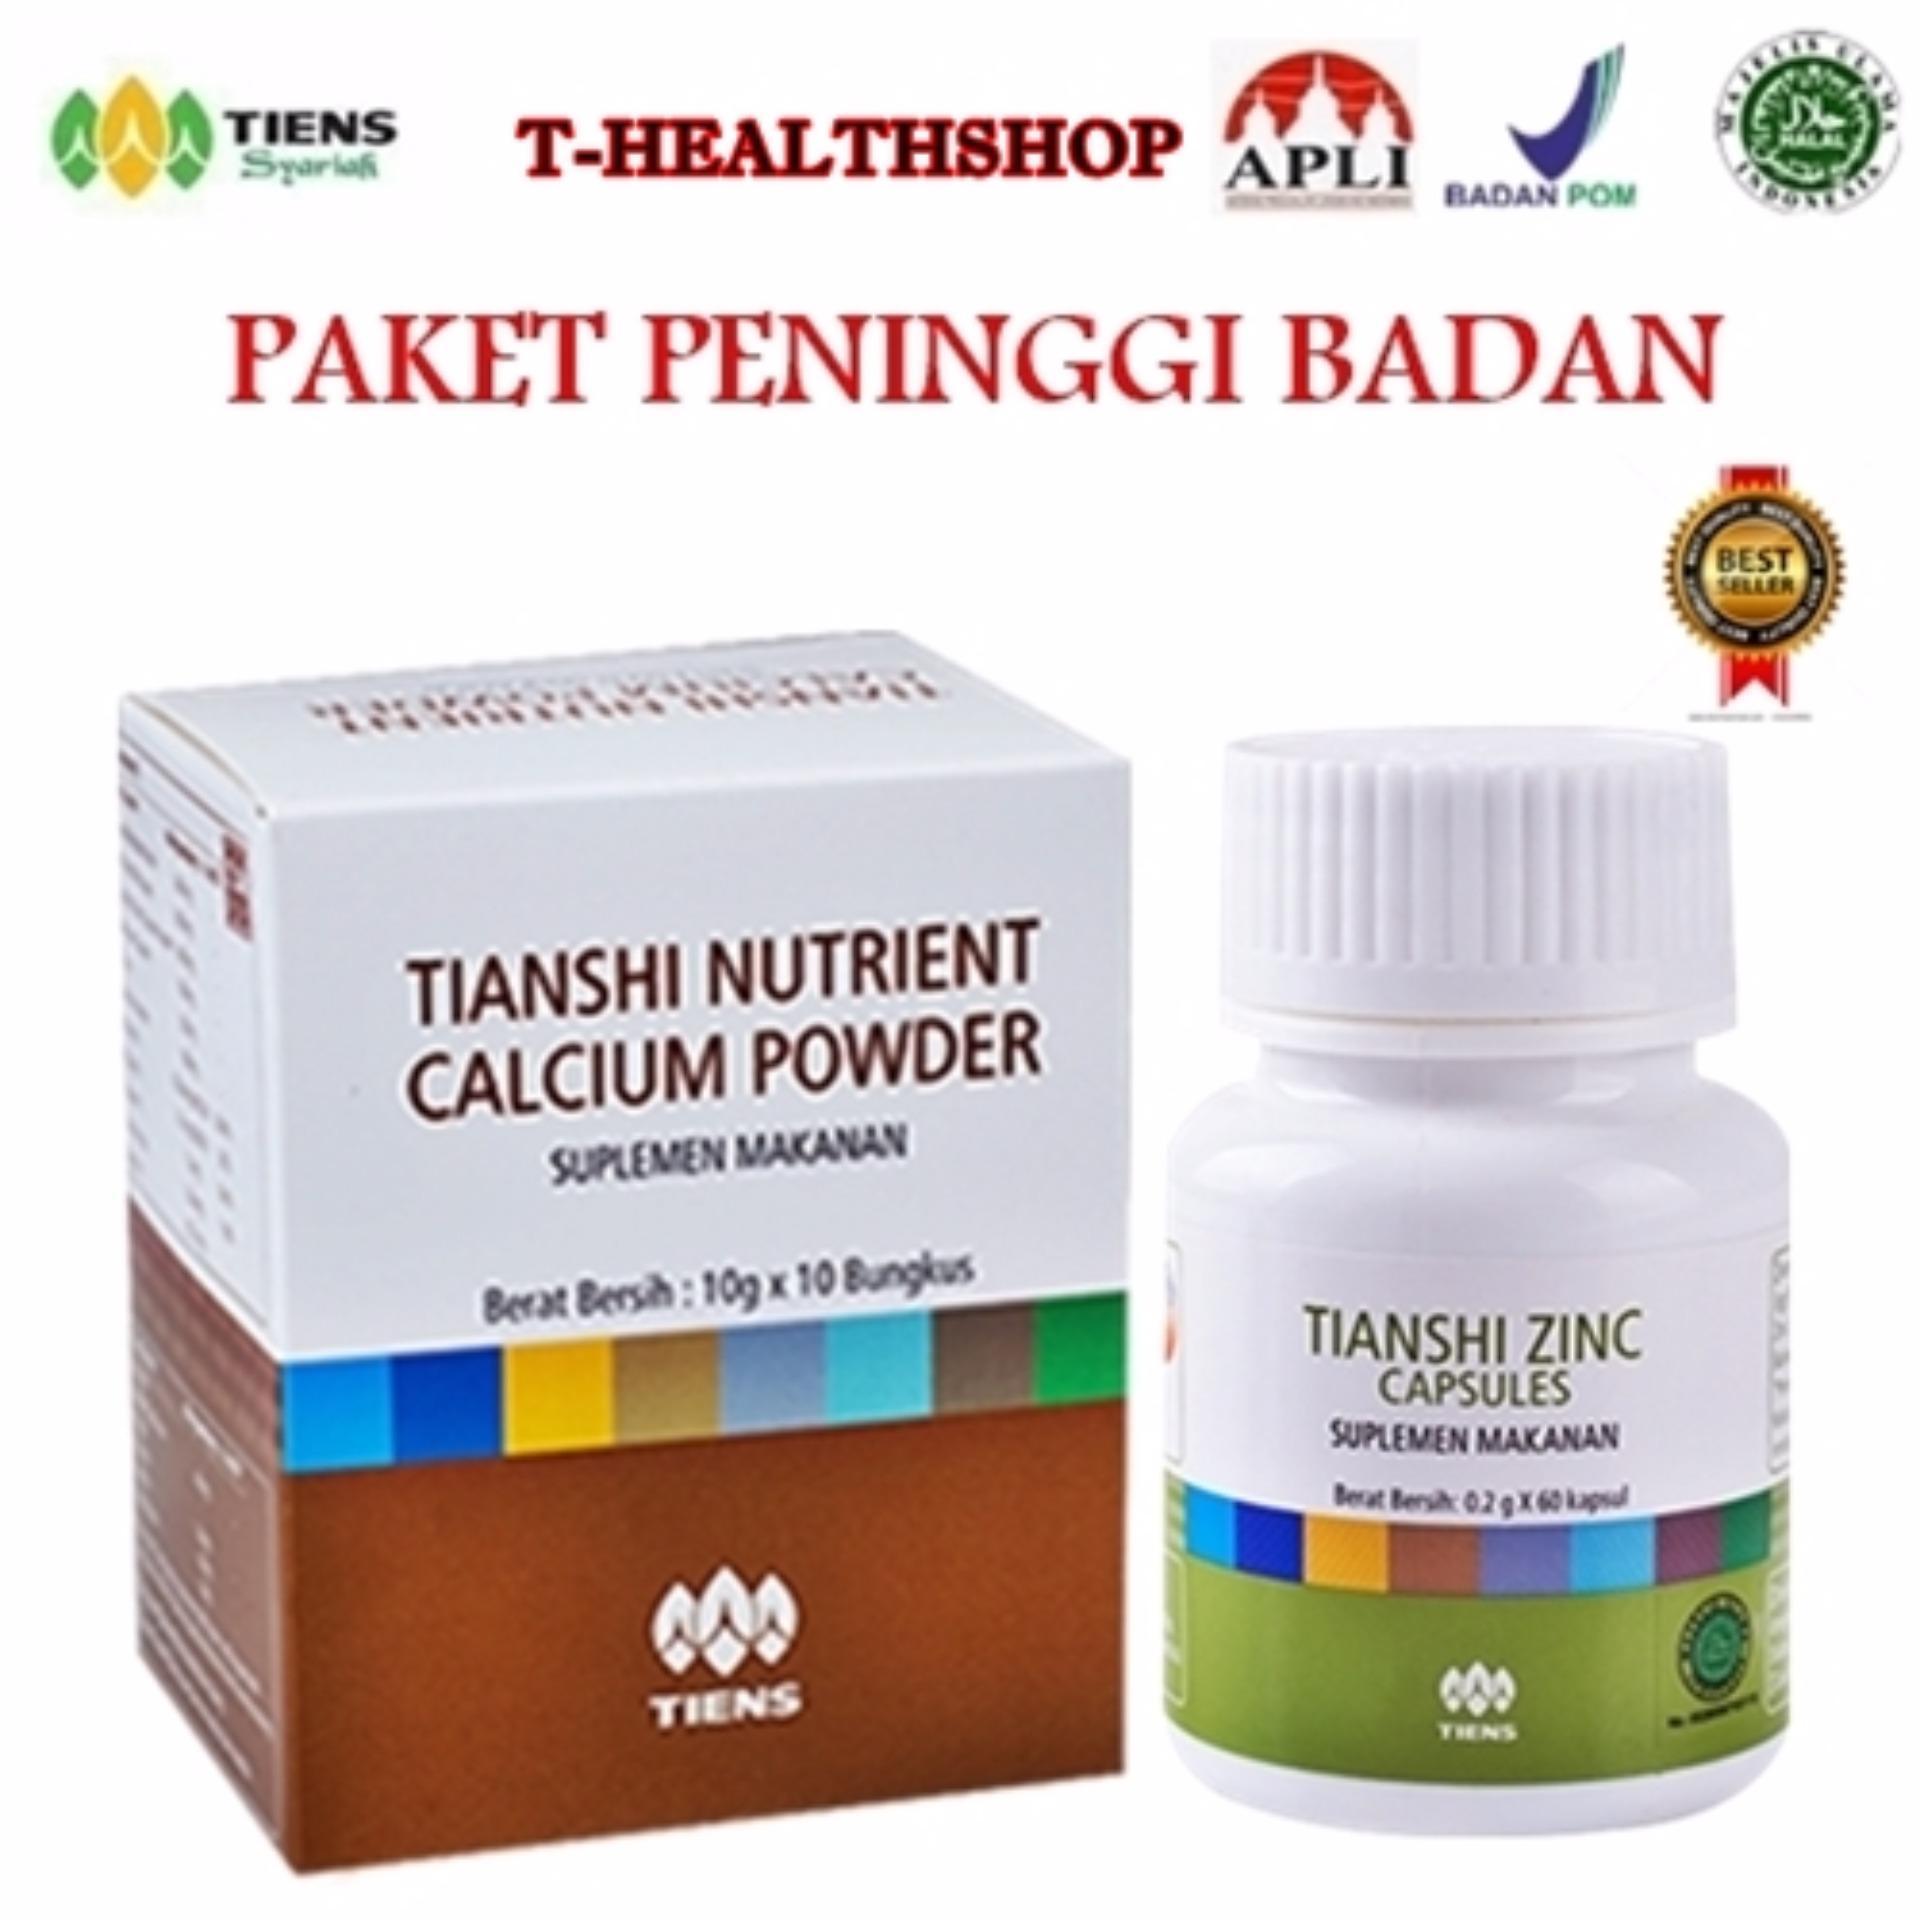 Cheapest Price Peninggi Badan Tiens Nutrient Hight Calsium Powder Dan Zinc sale - Hanya Rp362.